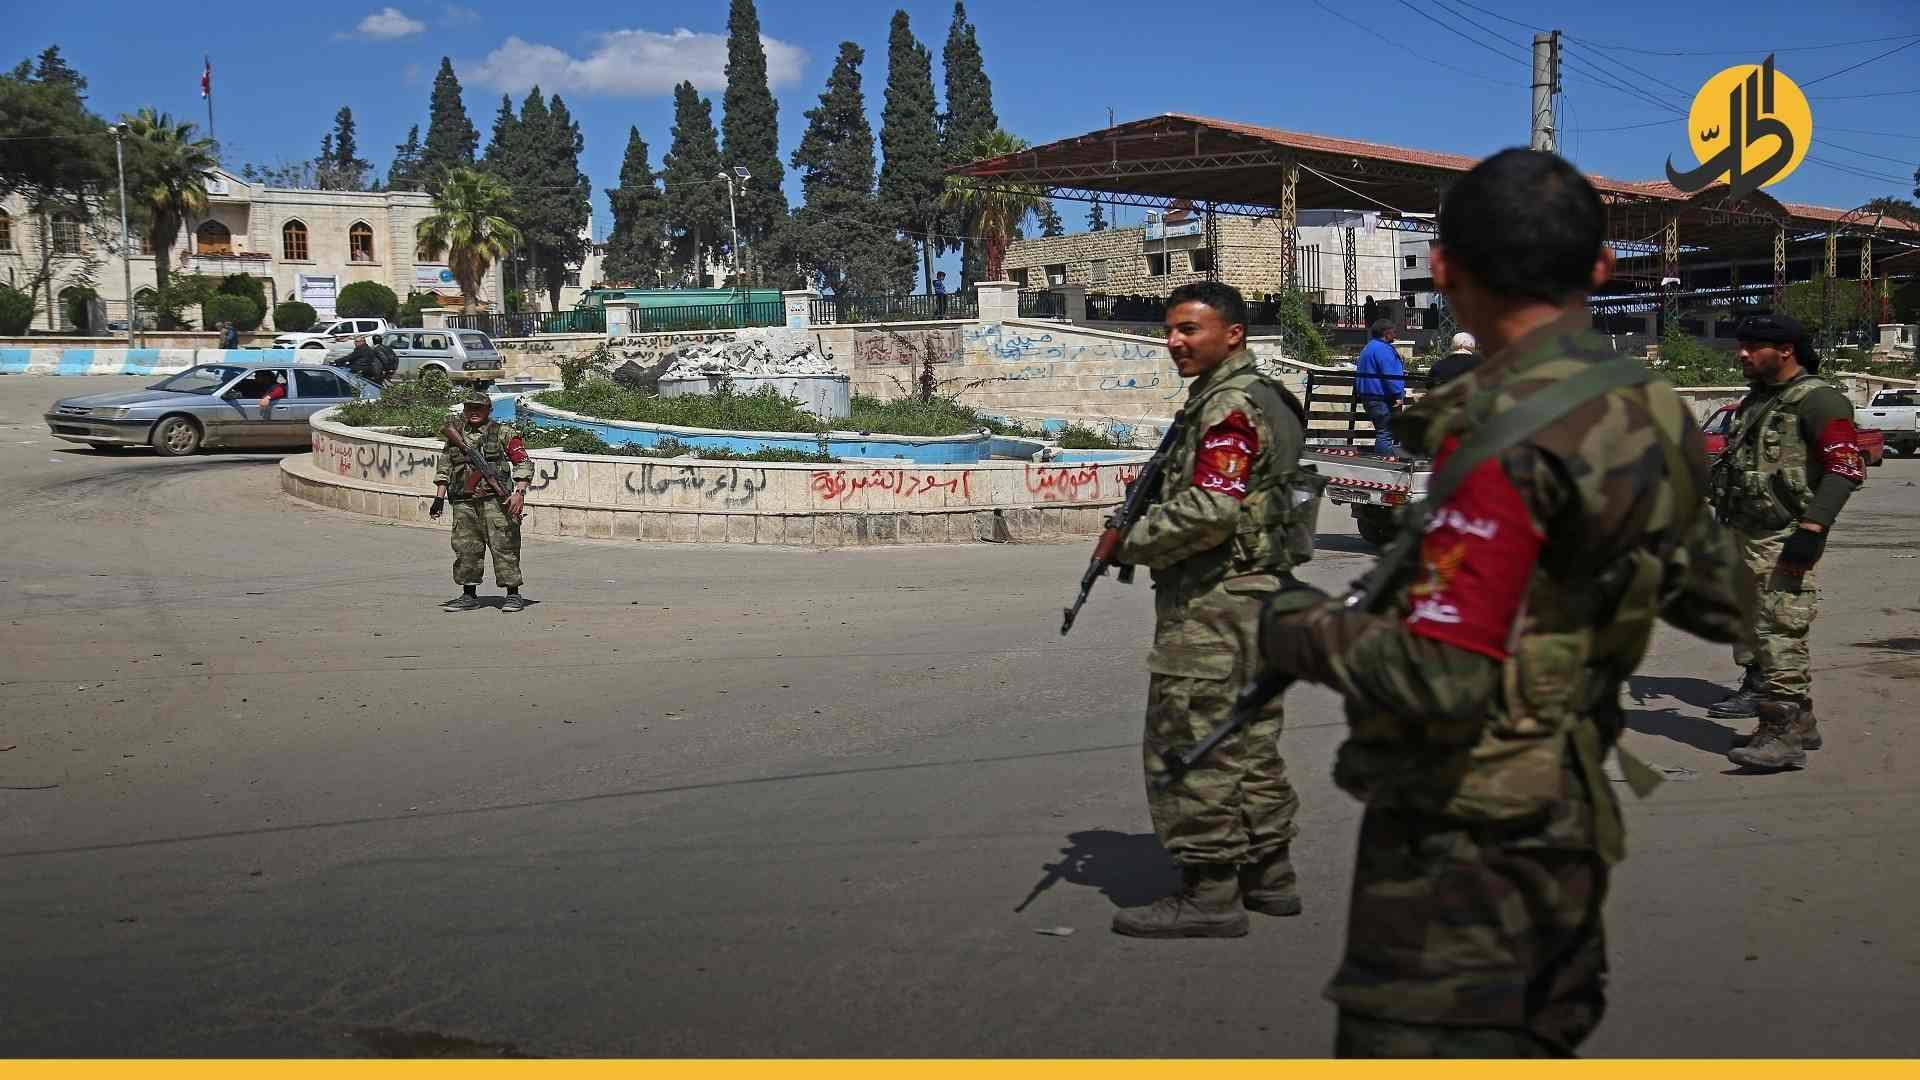 مقتل عنصر وإصابة آخرين من «الجيش الوطني» في عفرين بسبب خلافٍ على تقاسم أملاك المُهجّرين